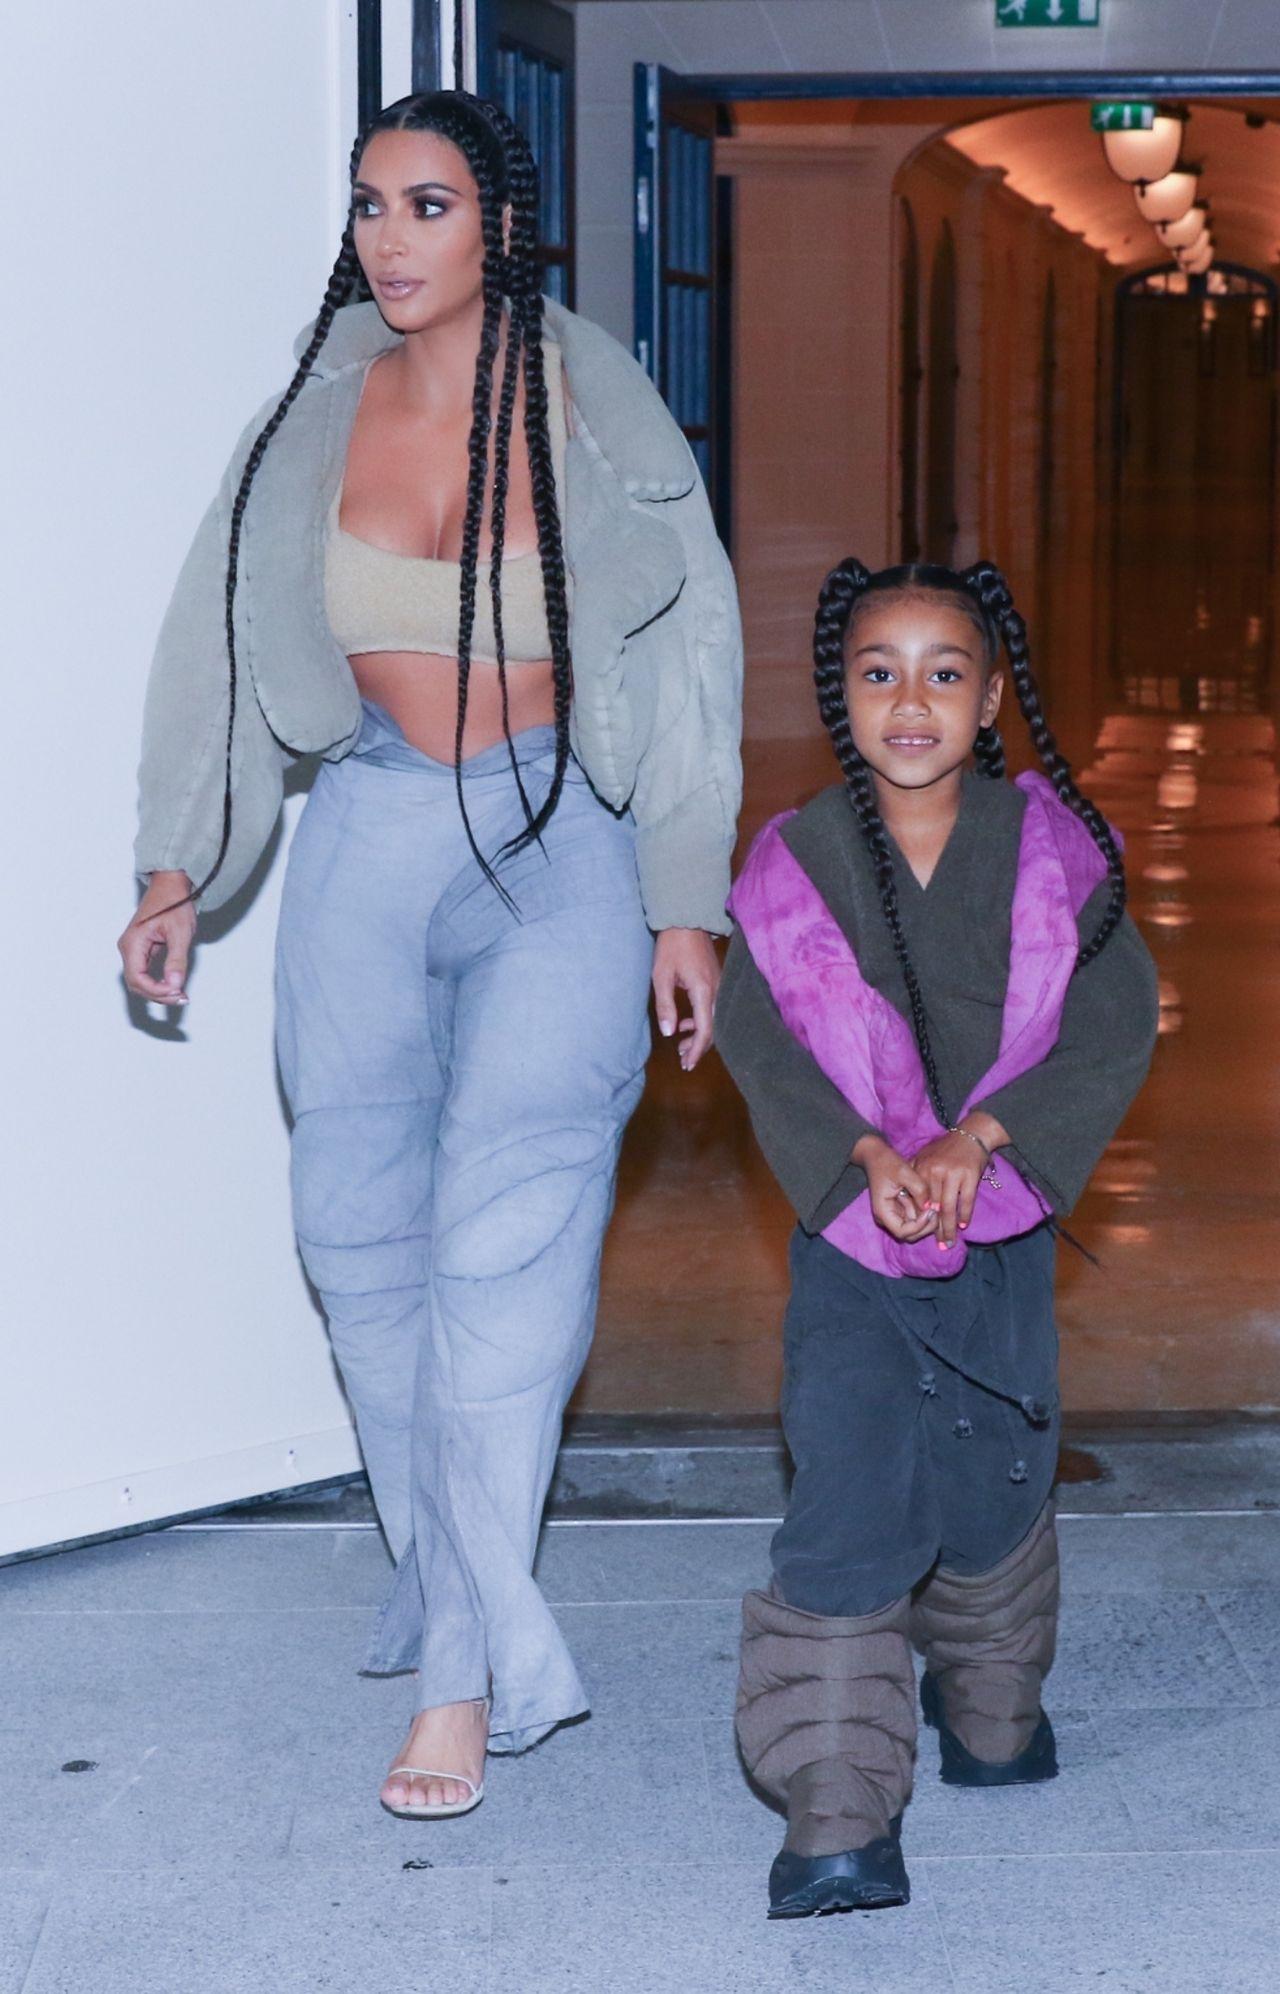 North West w dziwacznych butach zaprojektowanych przez ojca - Kanye'go Westa.